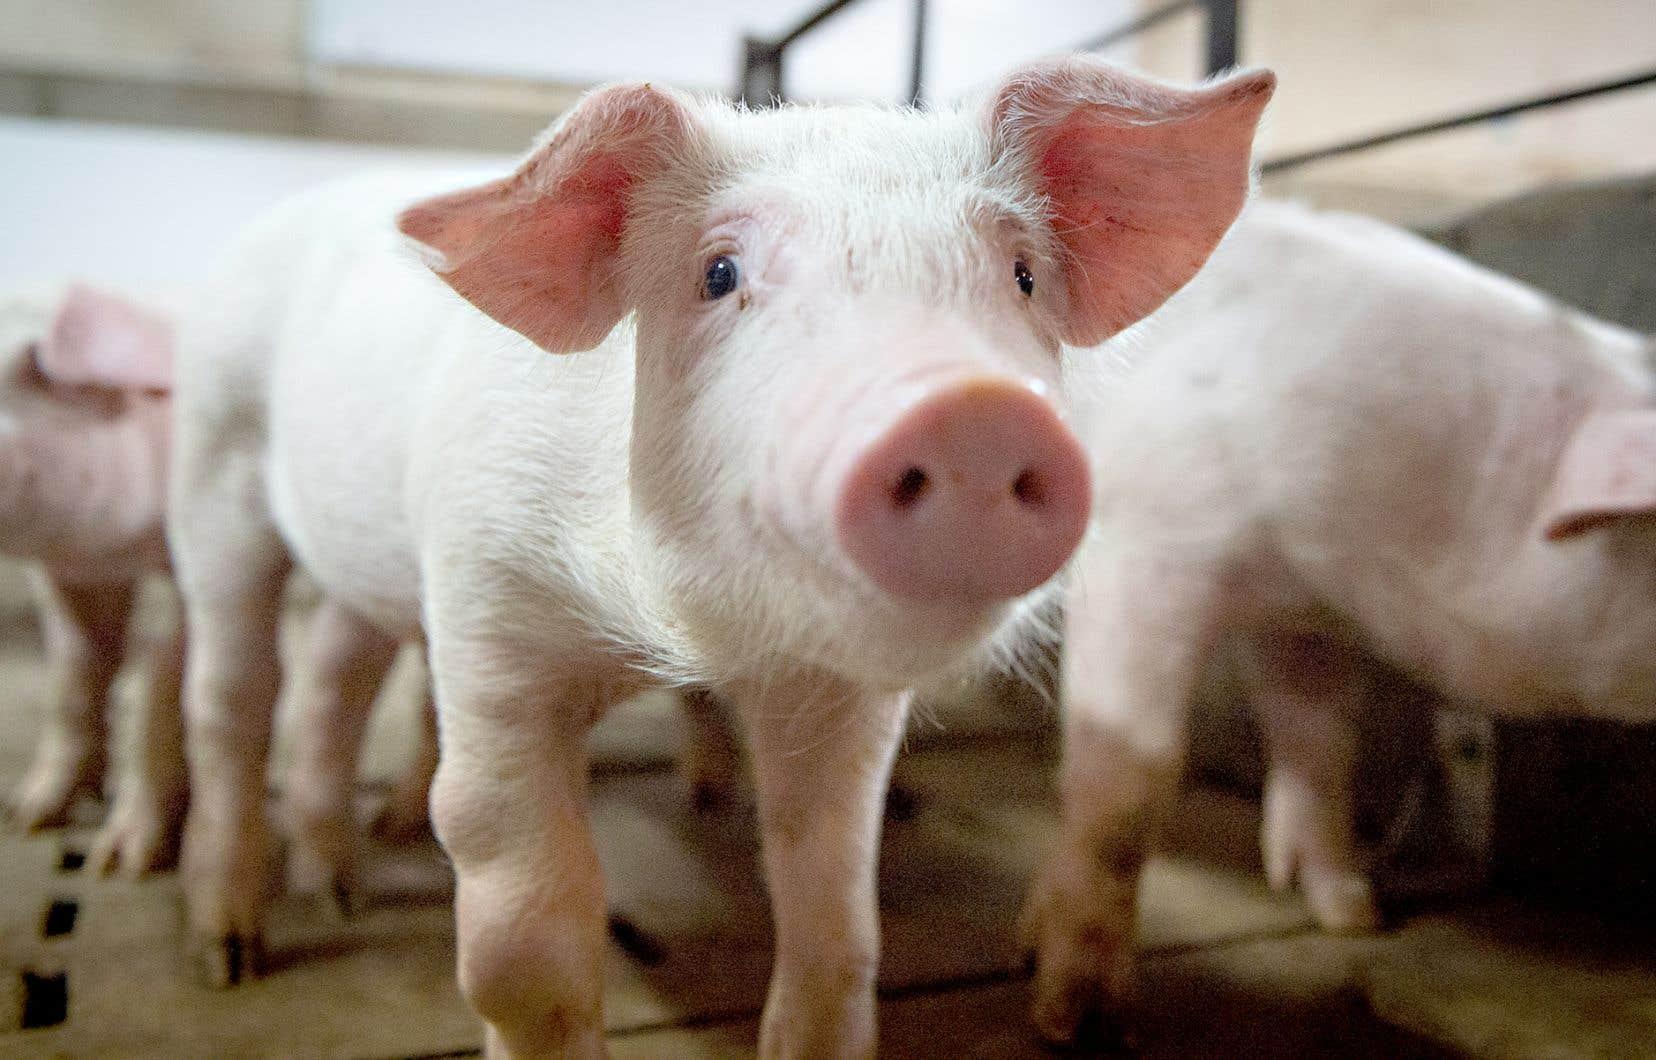 L'afflux supplémentaire d'importations américaines en Chine pourrait compliquer la vie des exportateurs québécois, notamment de porc et de grains.